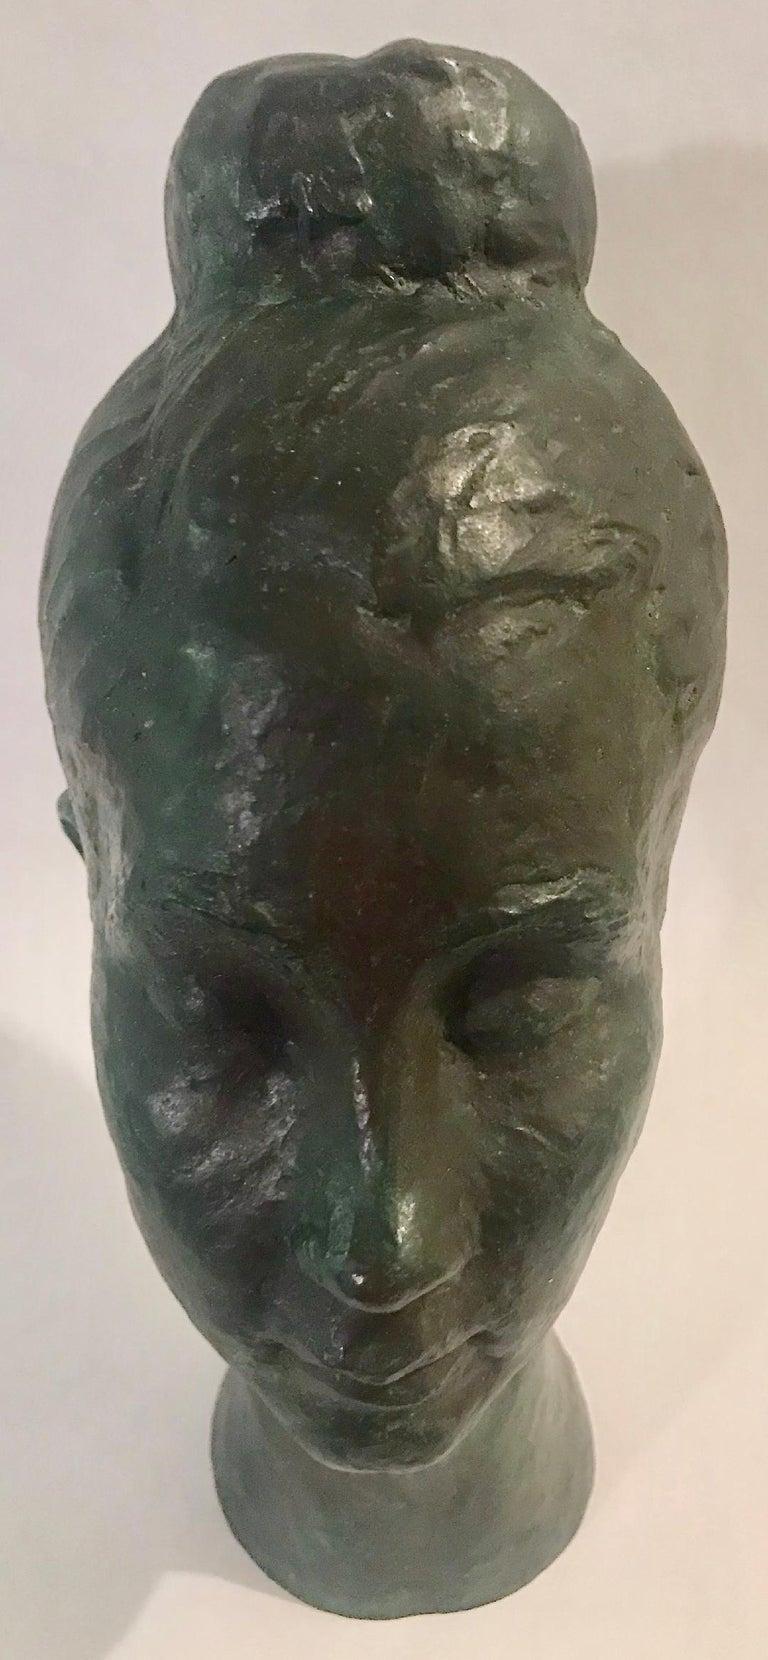 Mid-20th Century Bronze Female Portrait Head Bust Sculpture For Sale